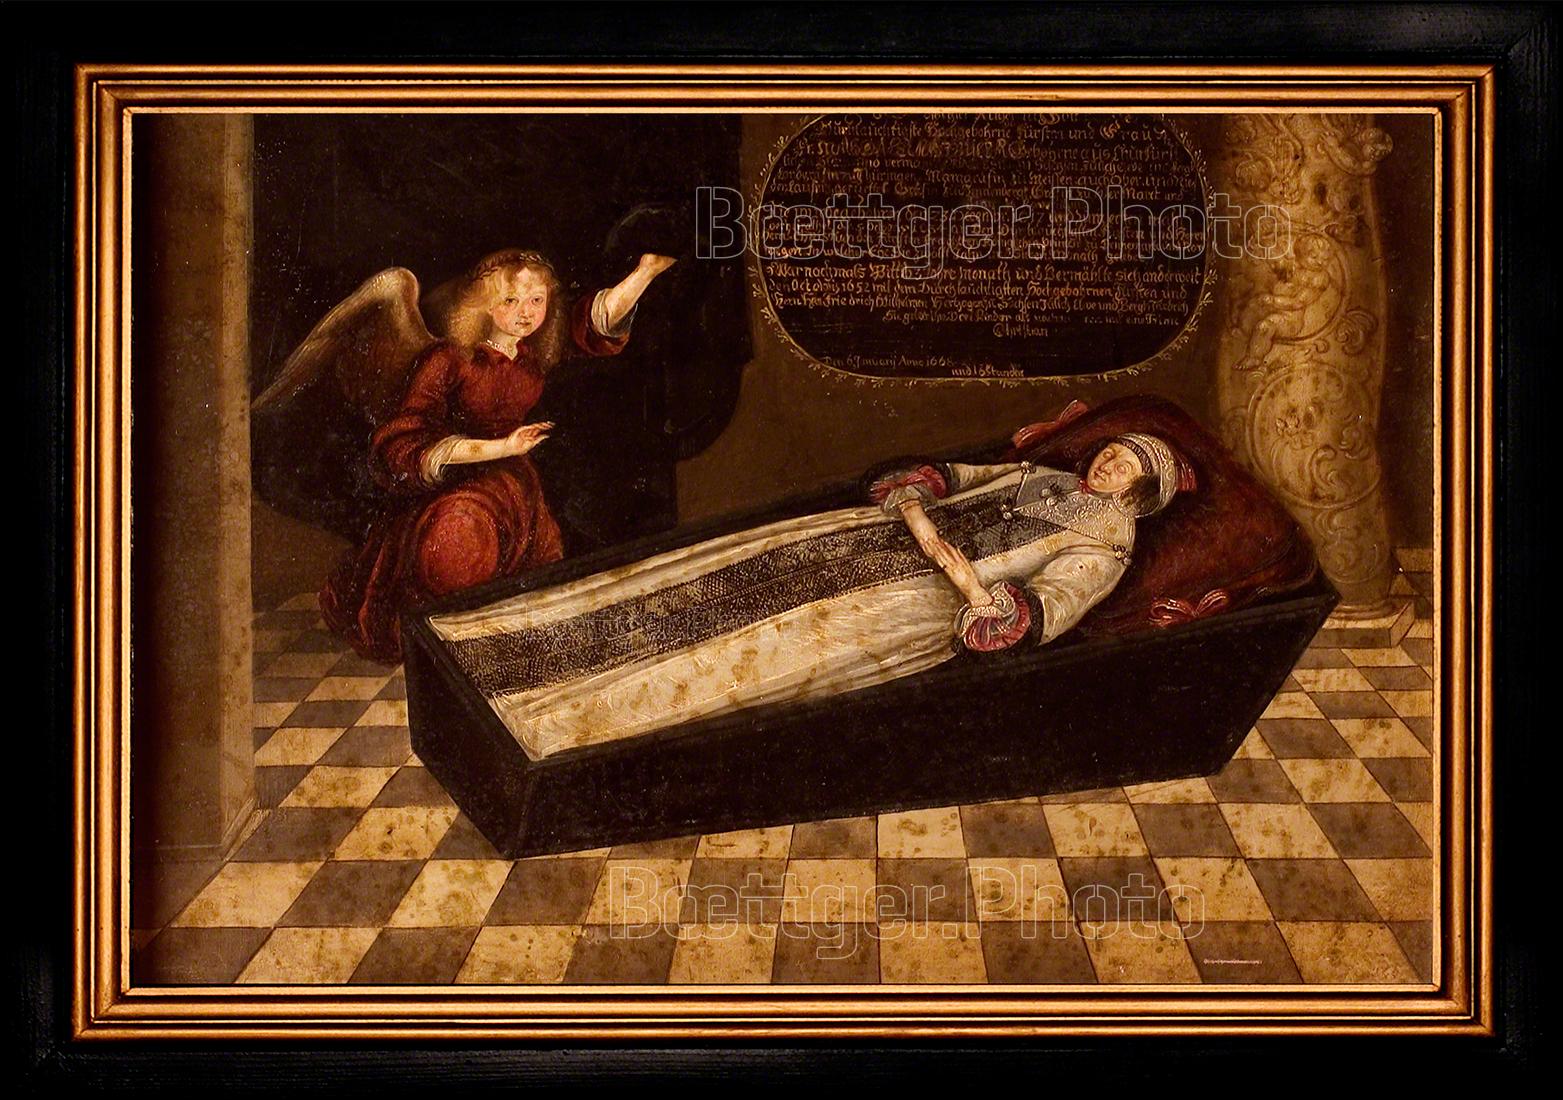 Totenbild Herzogin Magdalena Sibylla von Sachsen-Altenburg